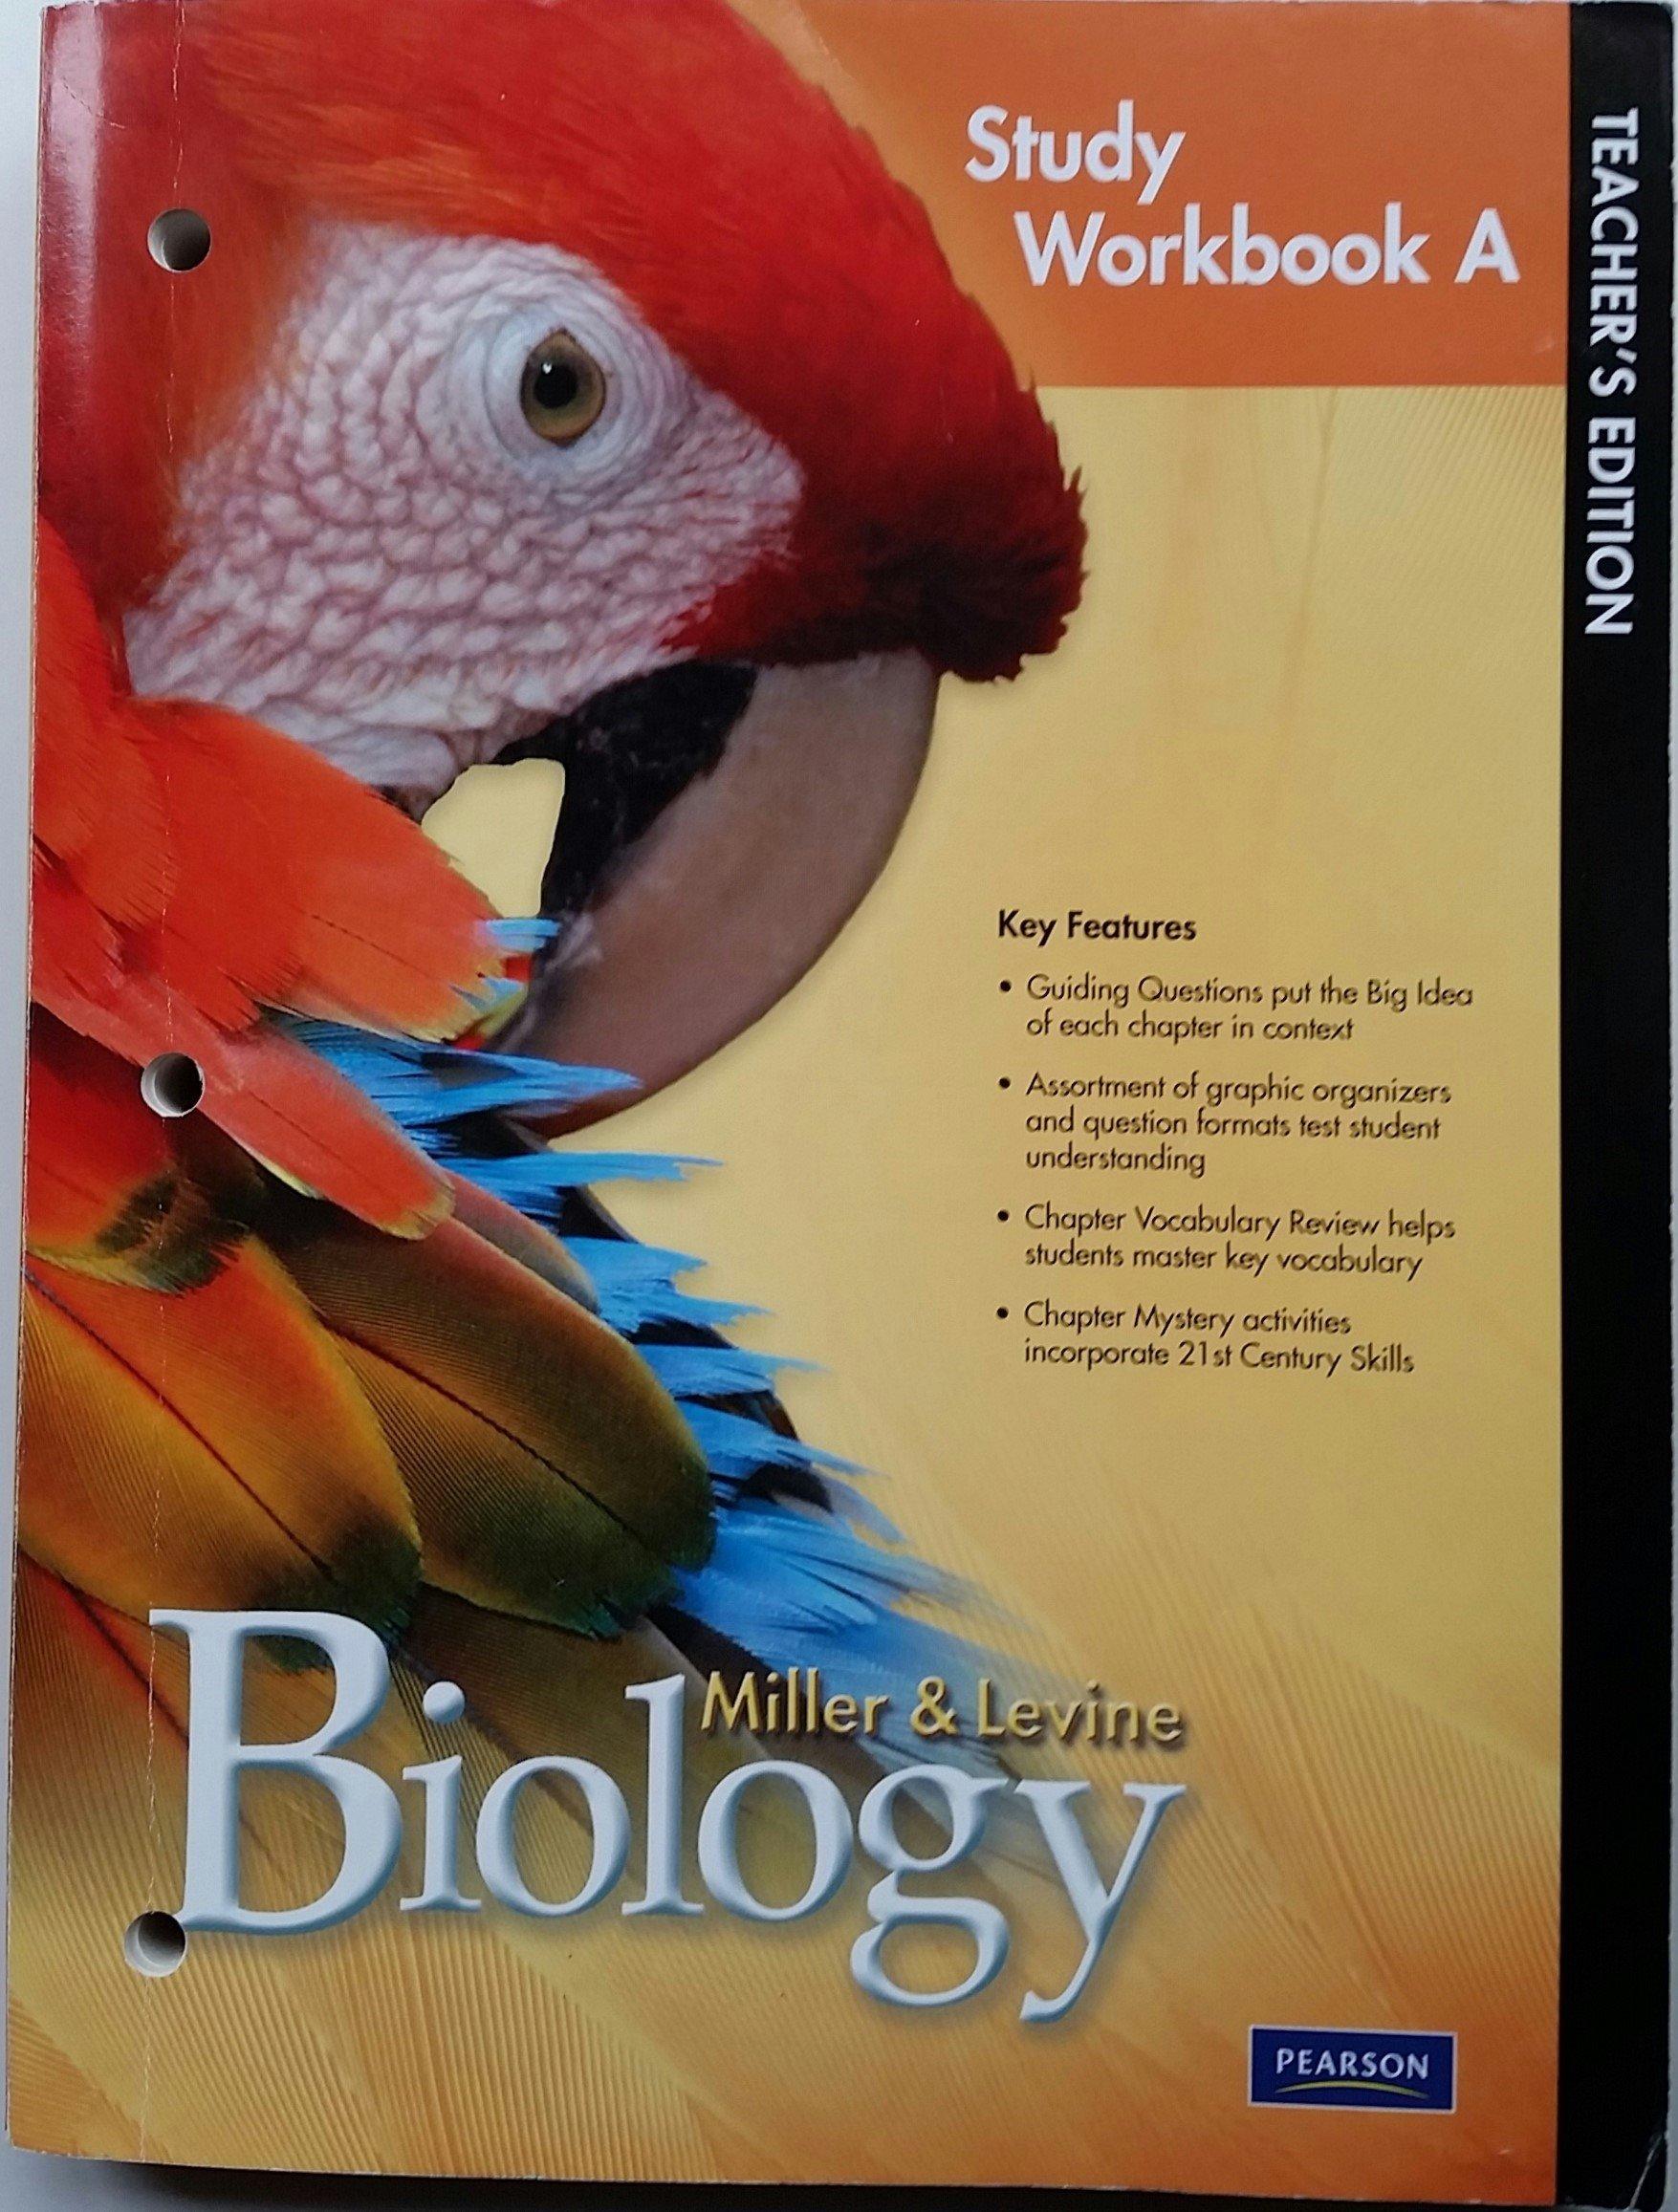 Worksheets Miller And Levine Biology Worksheets biology study workbook a teachers edition 9780133687194 0133687198 2010 ken and joe levine miller amazon com bo